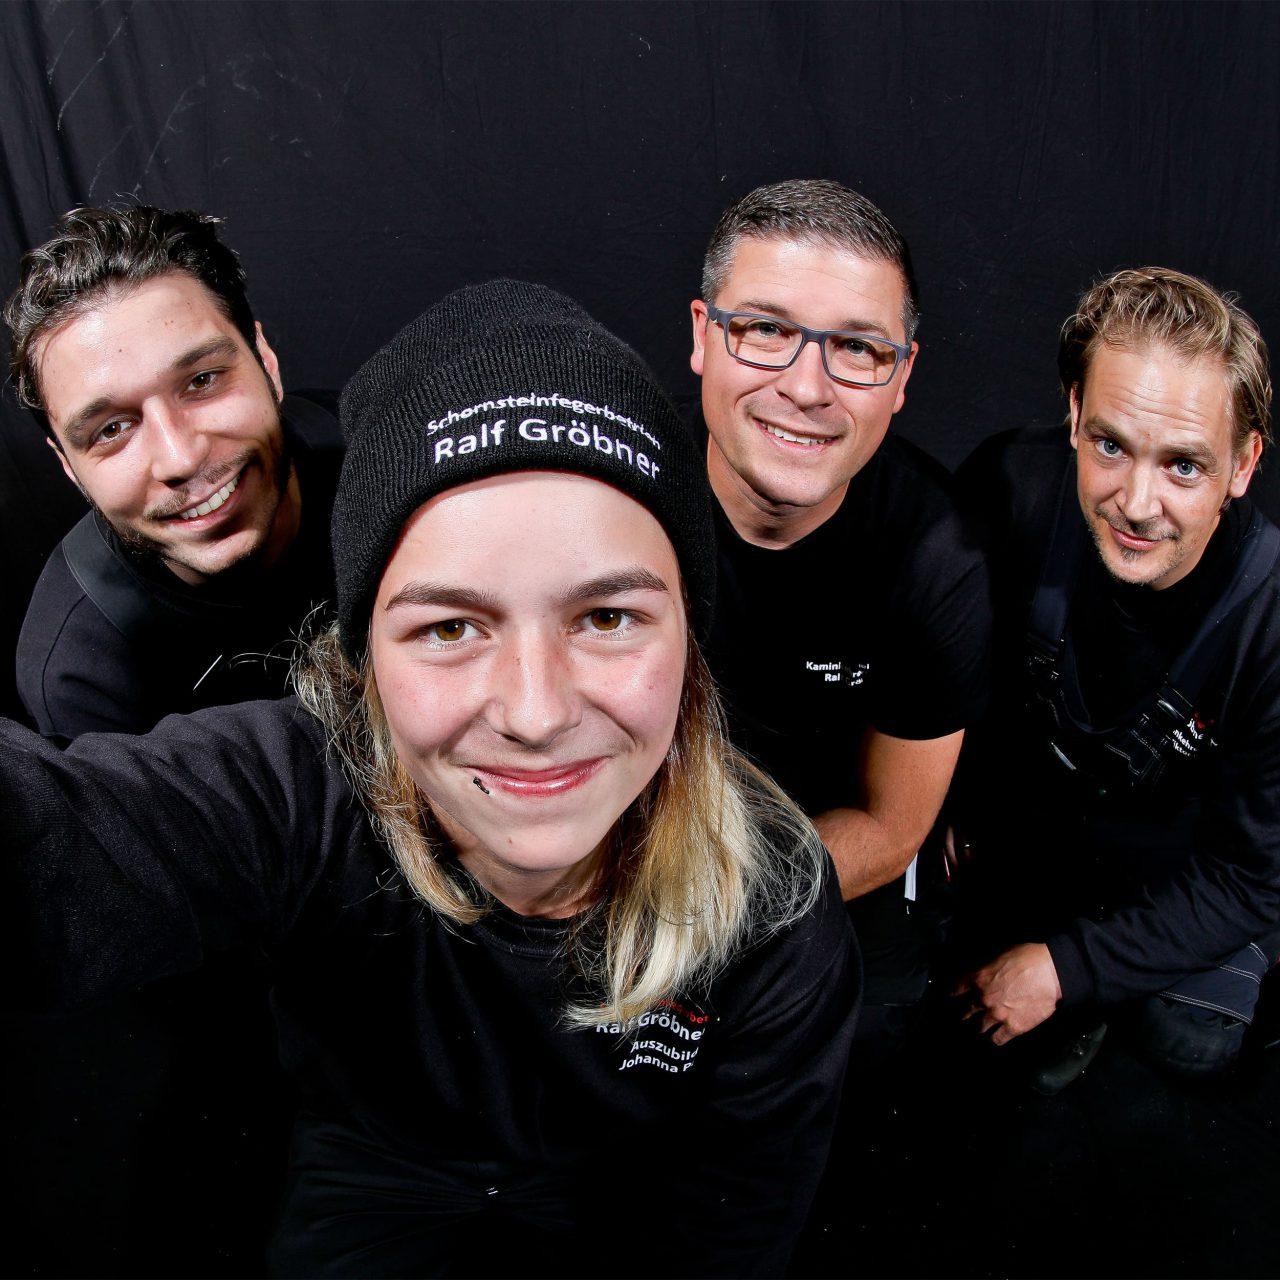 Team Selfie mit Johanna Panzer, Viktor Rauh, Ralf Gröbner und Jan Gröbner vom Schornsteinfegerbetrieb Ralf Gröbner